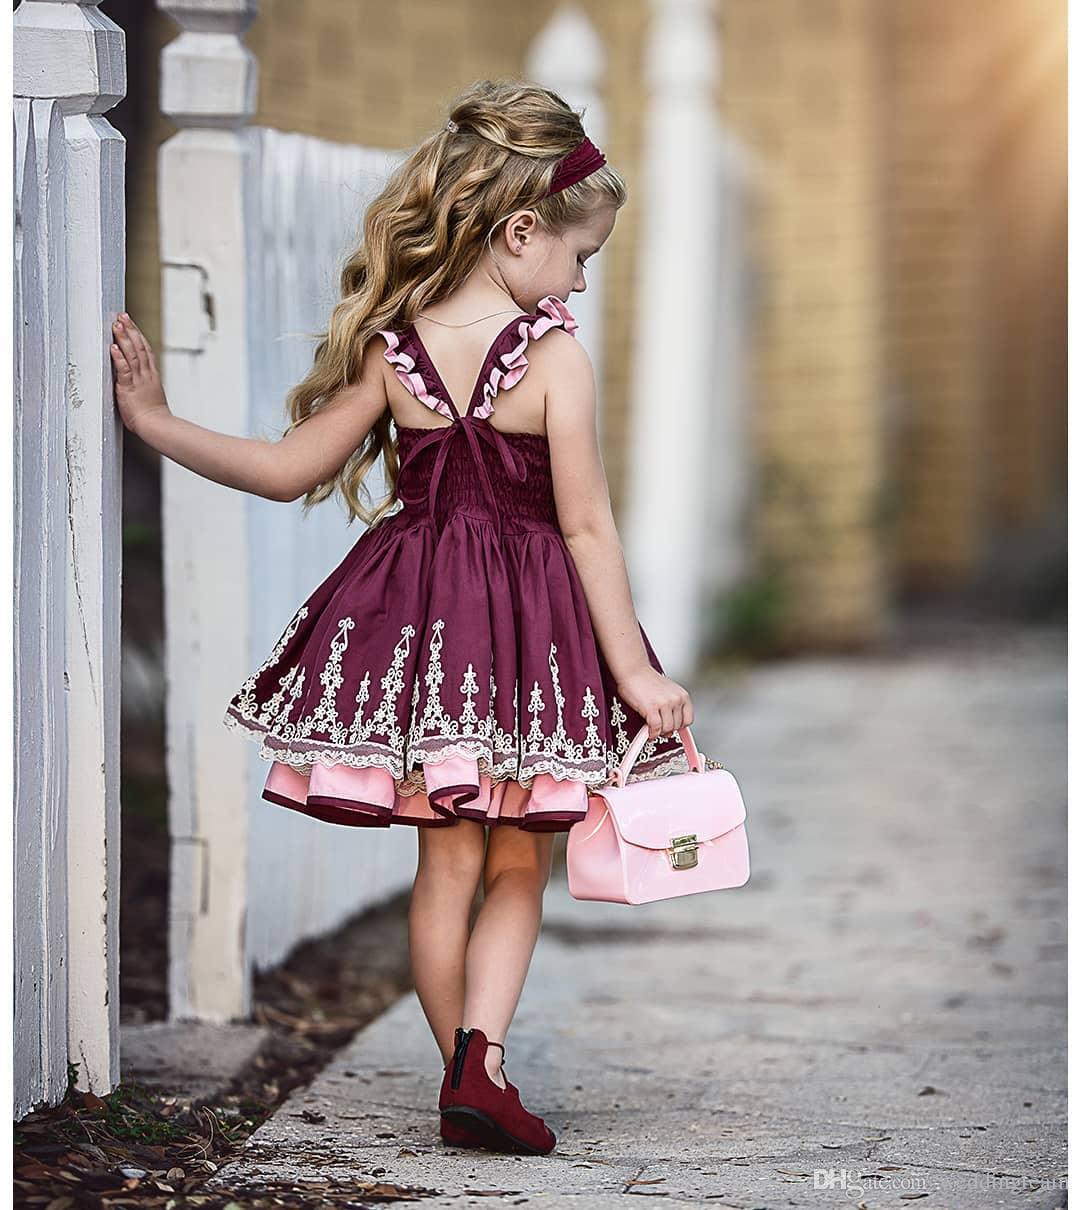 بورجوندي الرباط appliqued زهرة فتاة فساتين لحفلات الزفاف ألف خط طفل مهرجان أثواب الحرير ساحة الرقبة الركبة طول الأولى بالتواصل اللباس